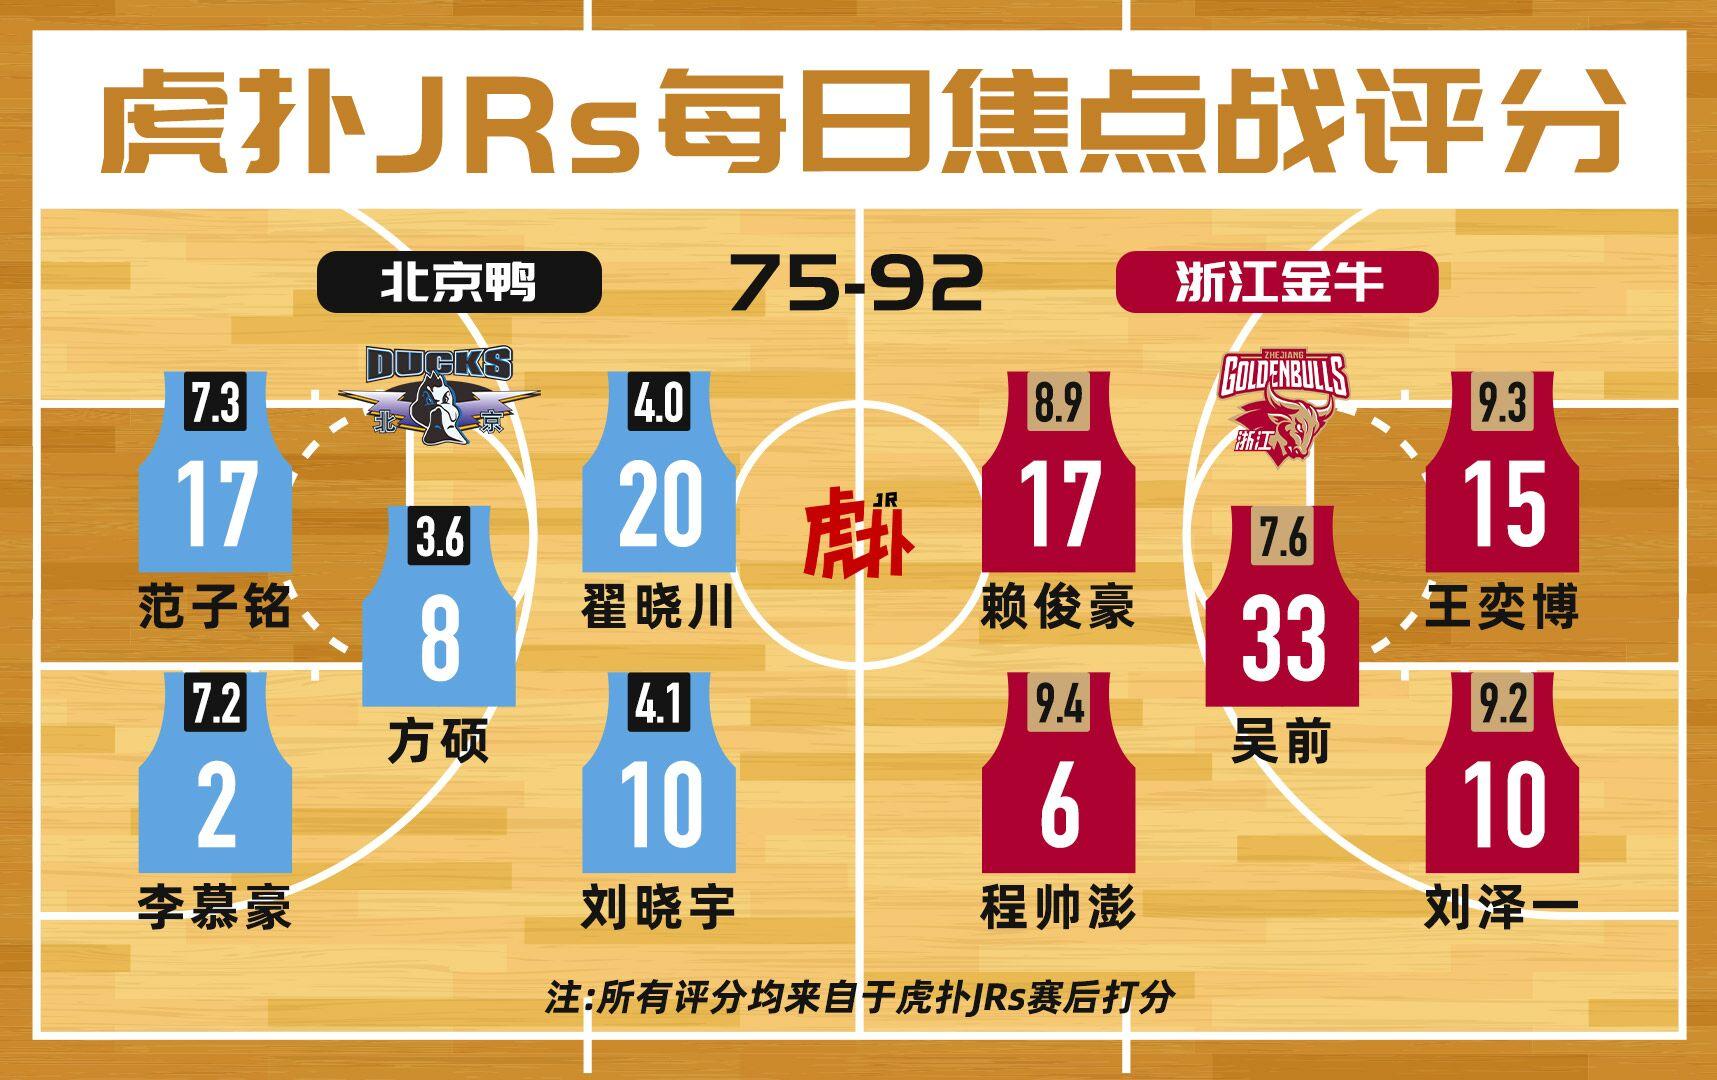 虎扑JRs焦点战评分:浙江队程帅澎9.4分,北京方硕3.6分